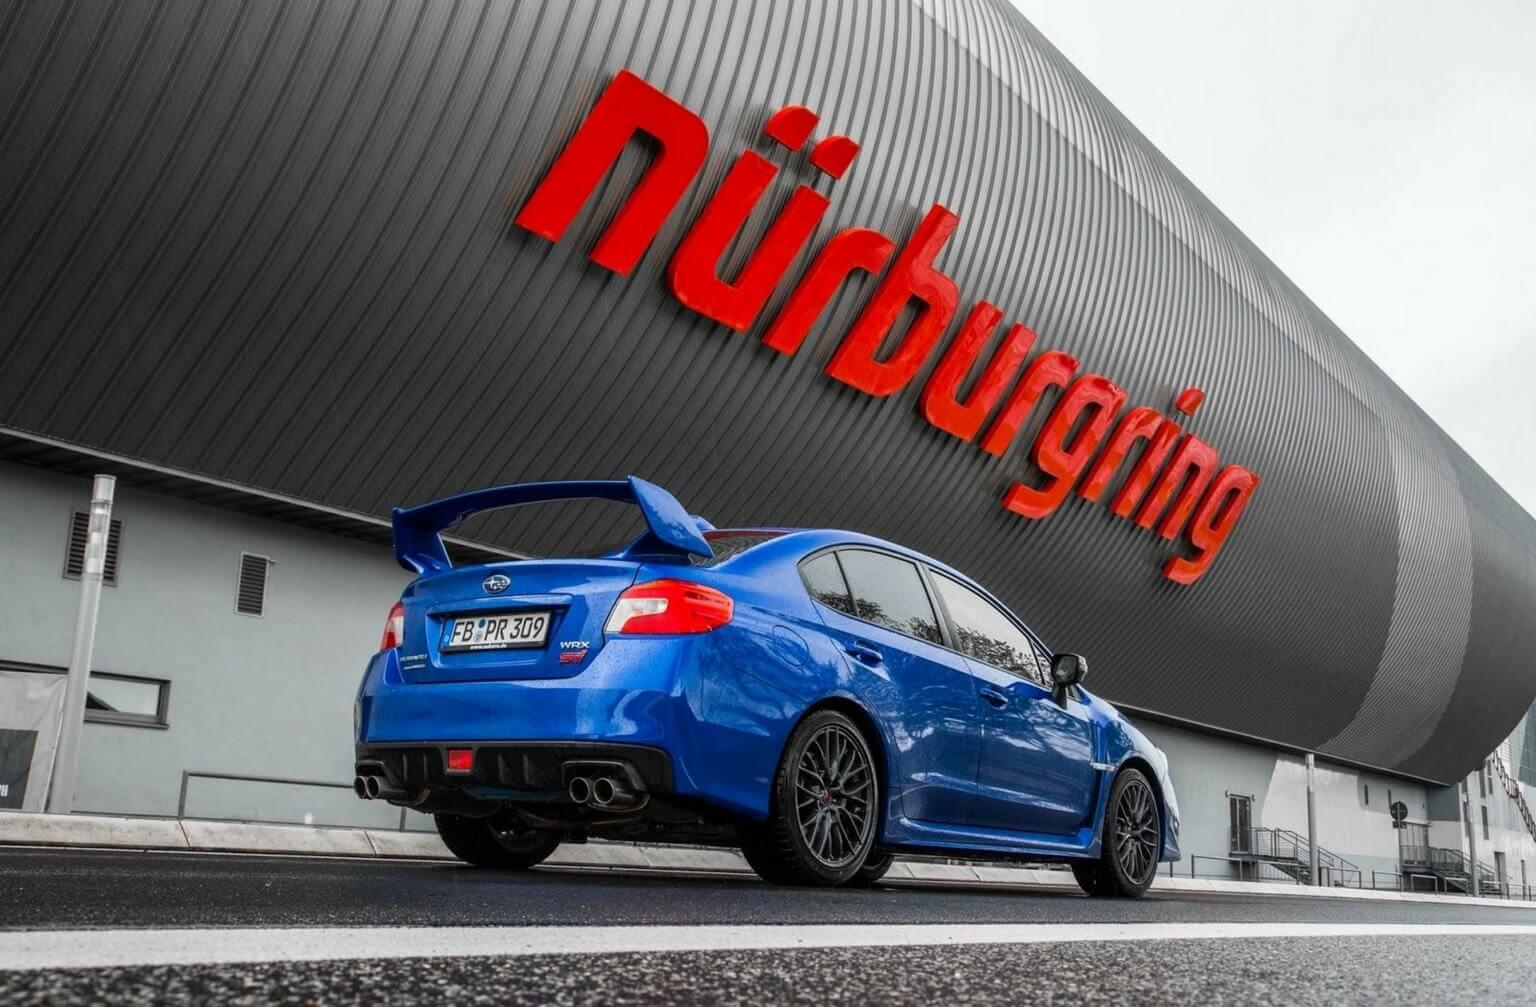 Tor wyścigowy Nurburgring